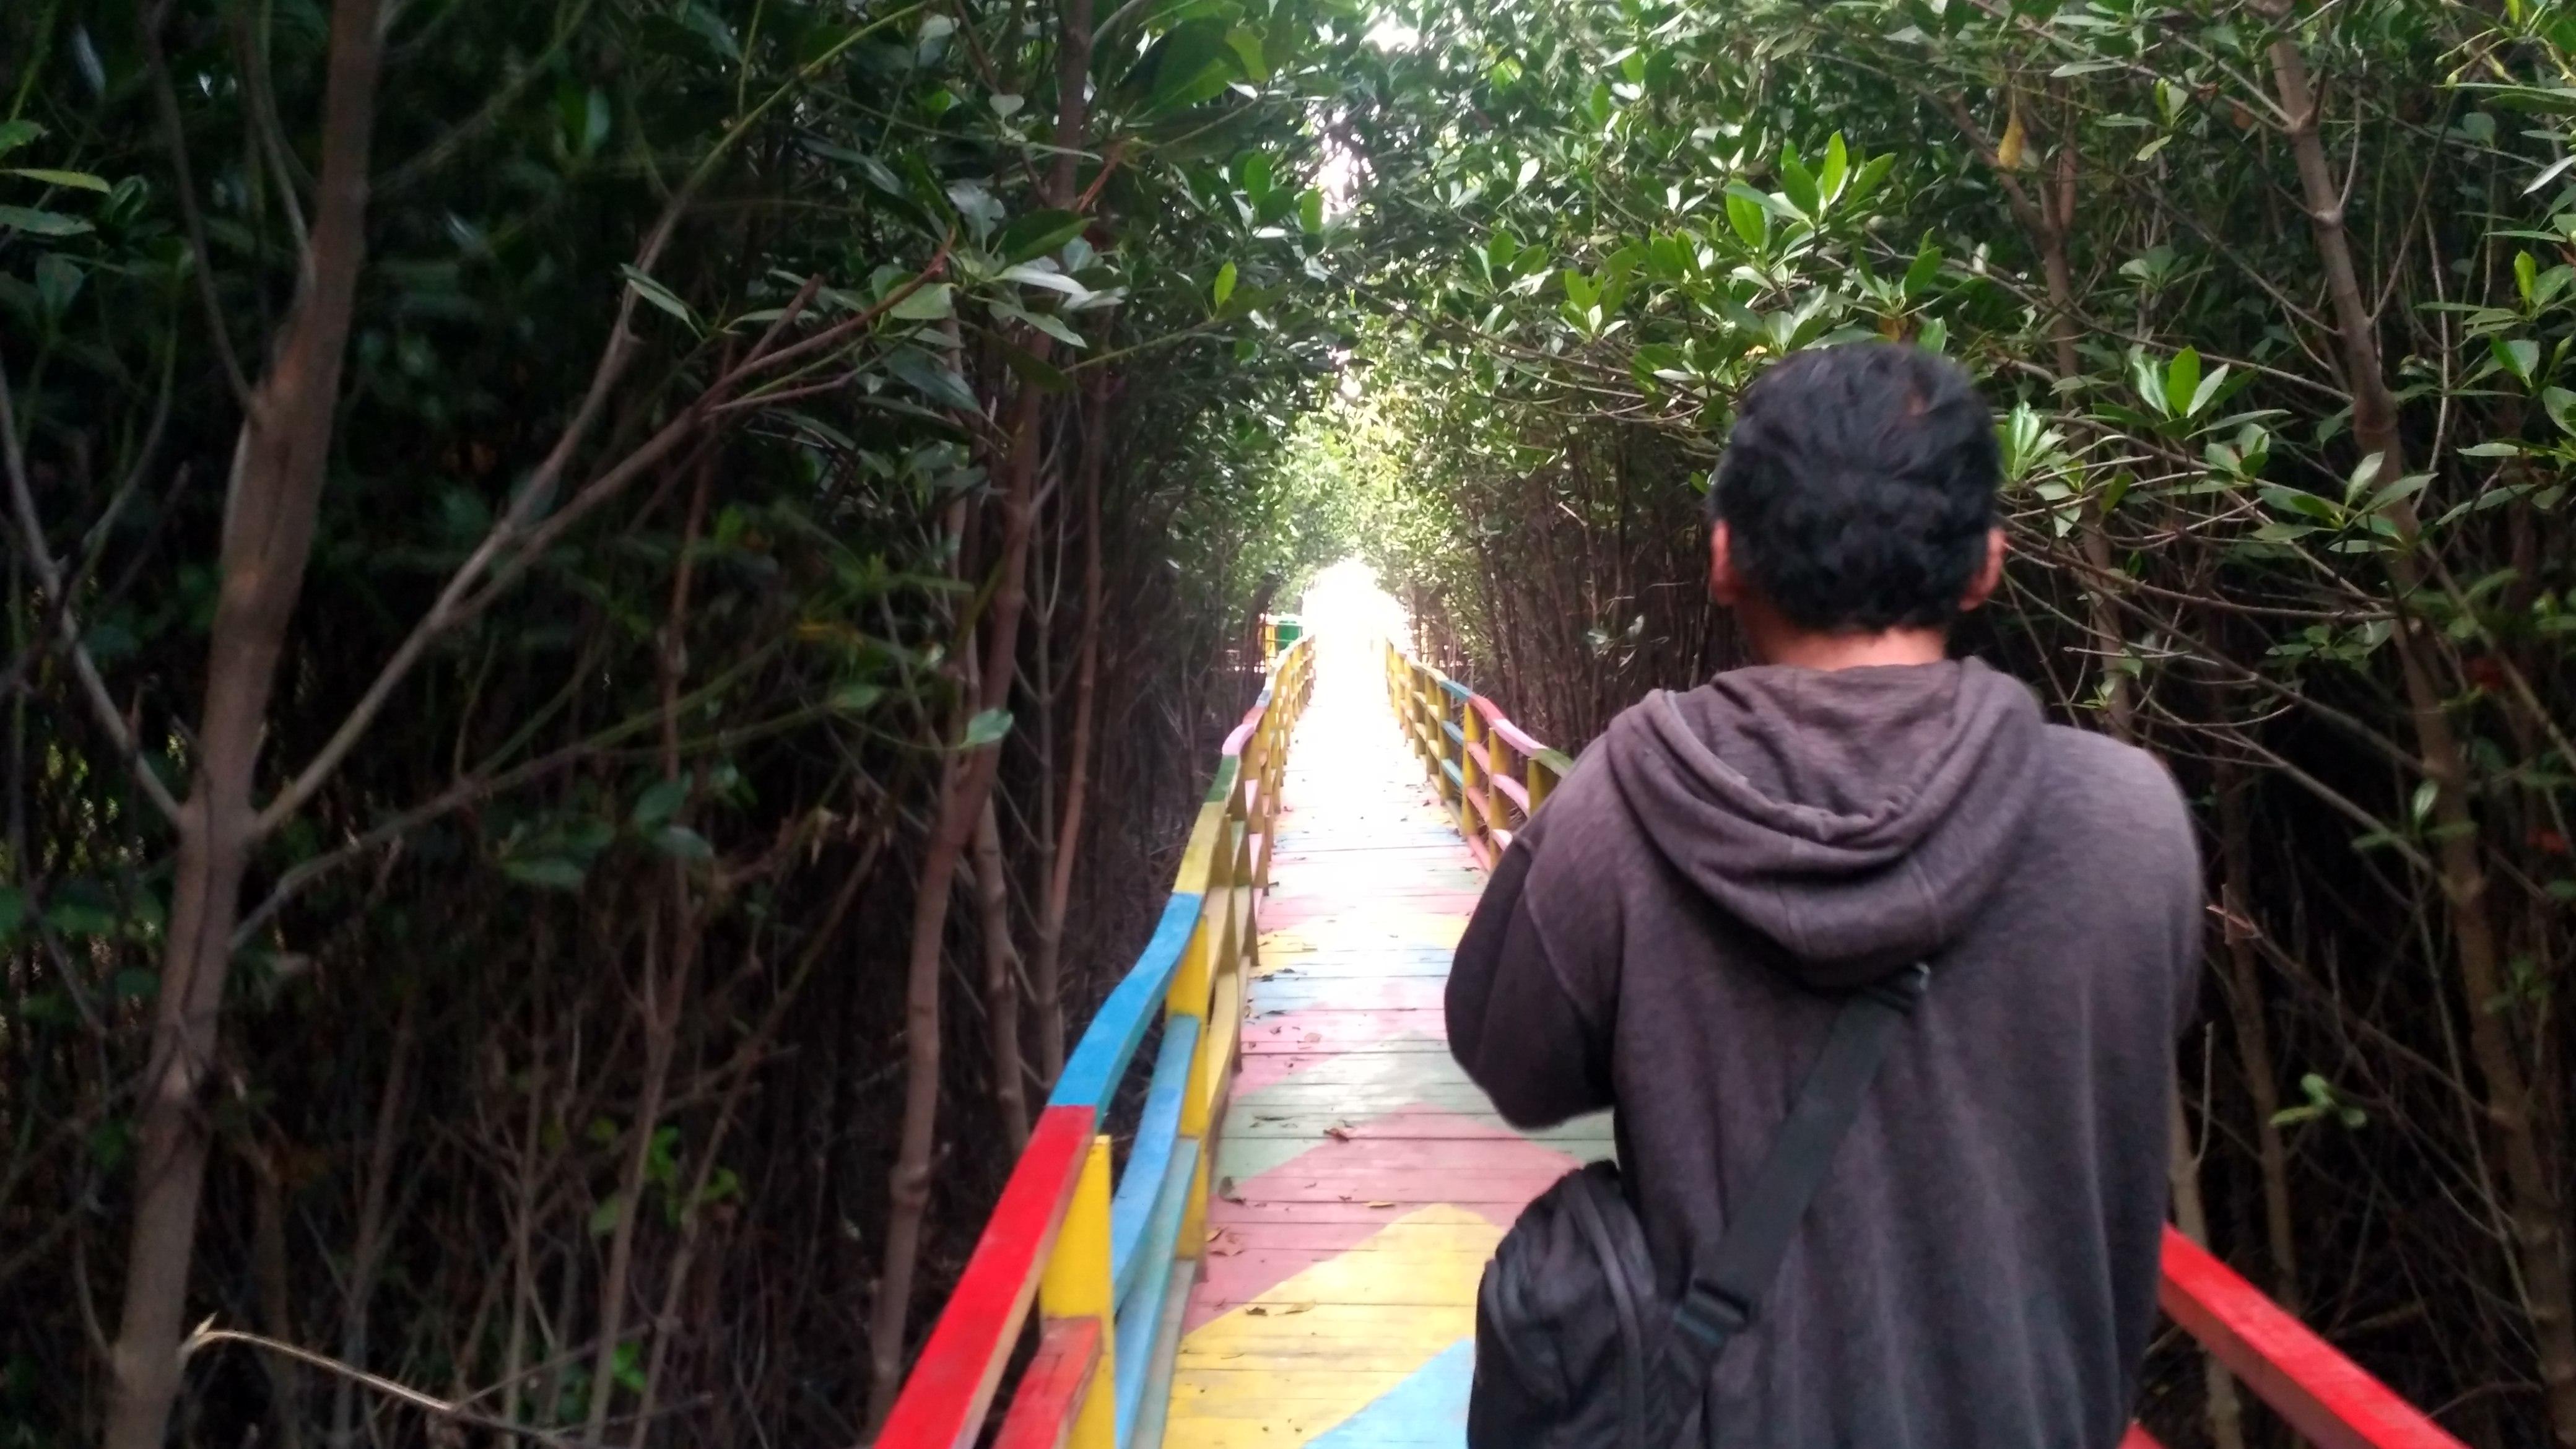 Dulunya Wilayah Abrasi, Jembatan Pelangi di Tengah Hutan Mangrove Desa Lontar Kini Jadi Spot Selfie